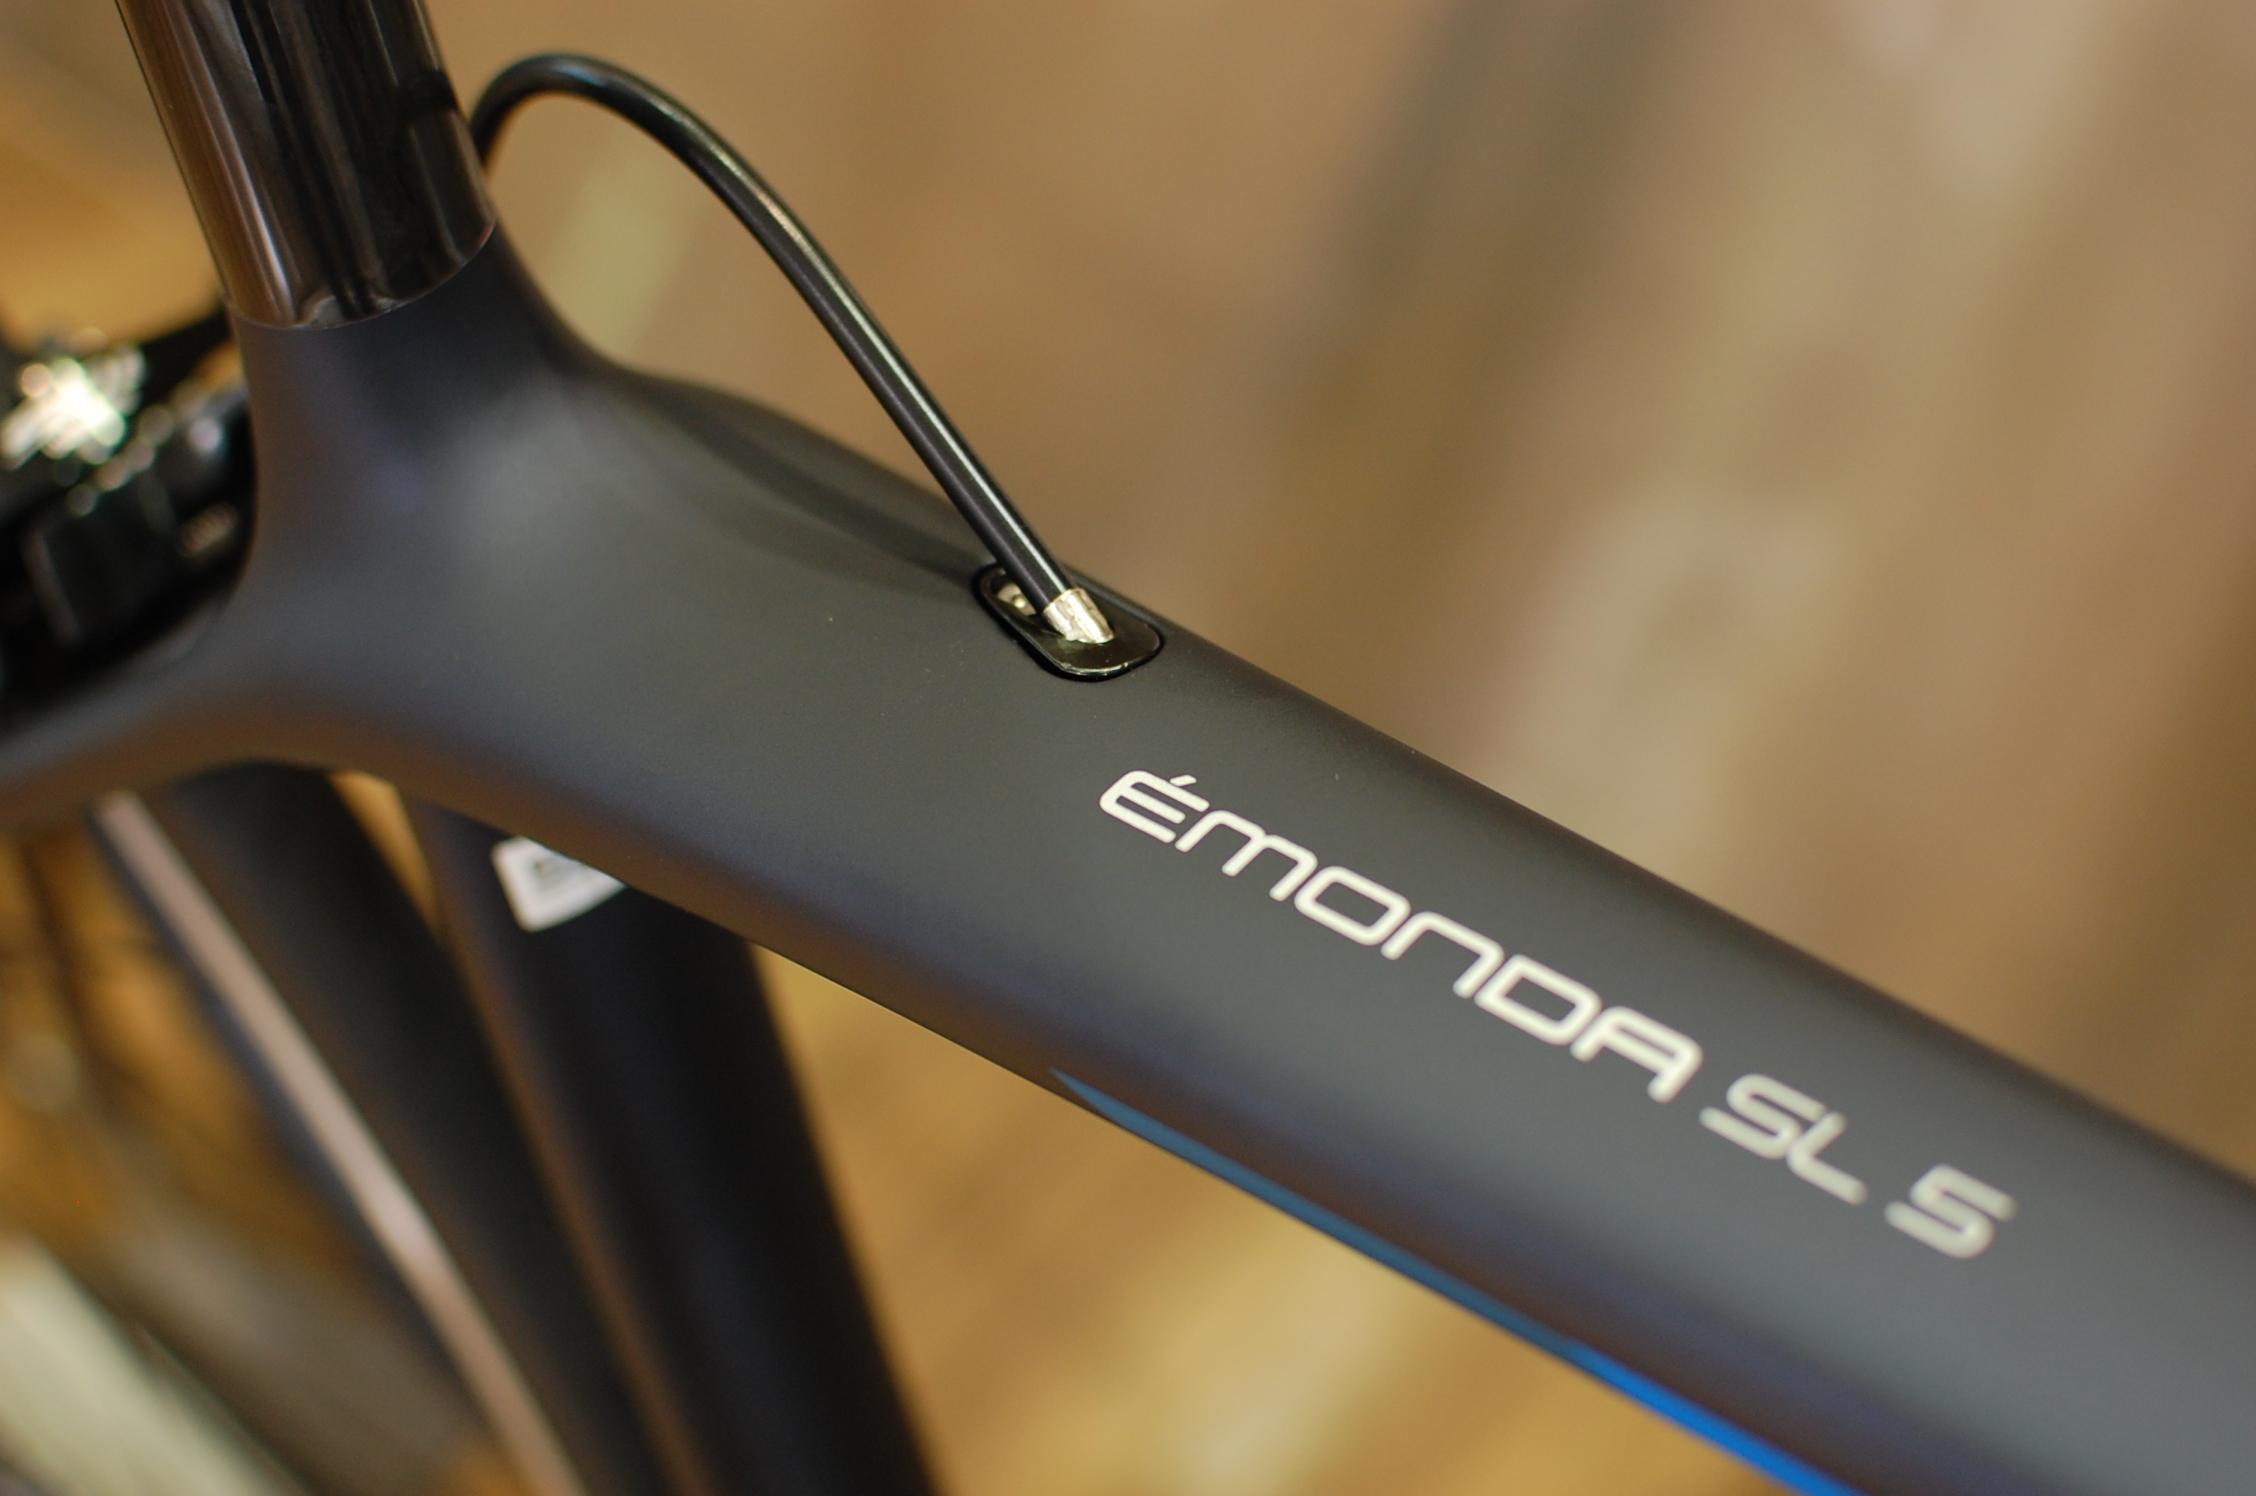 【2018年モデル】TREK Emonda SL 5入荷しています。